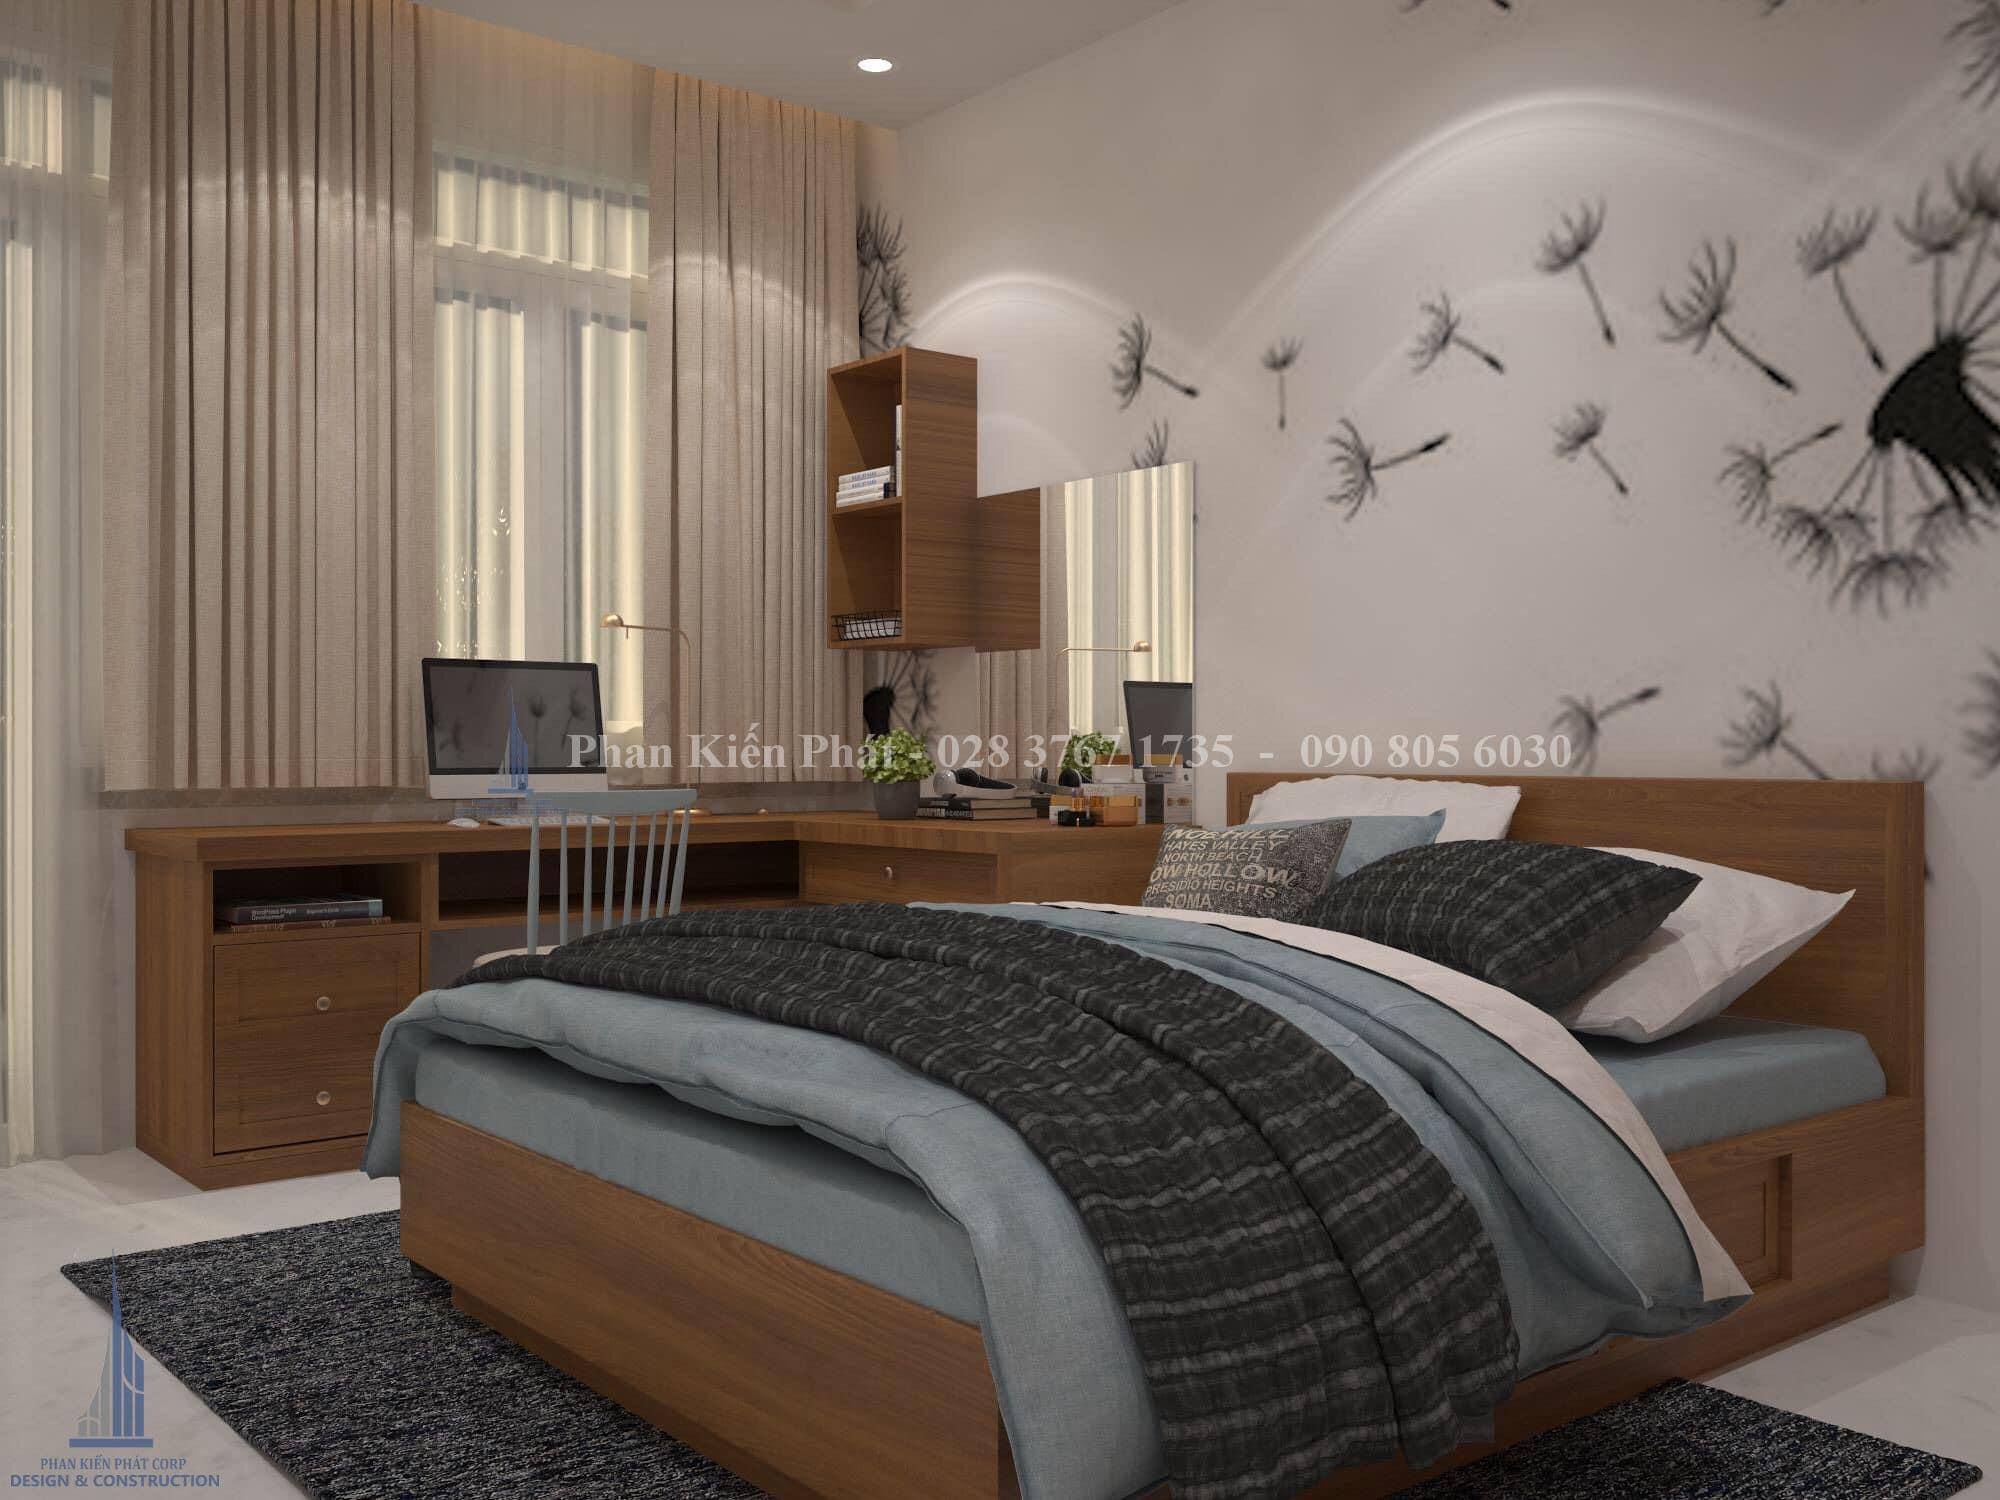 Noi That Phong Ngu 1 - mẫu thiết kế biệt thự 3 tầng